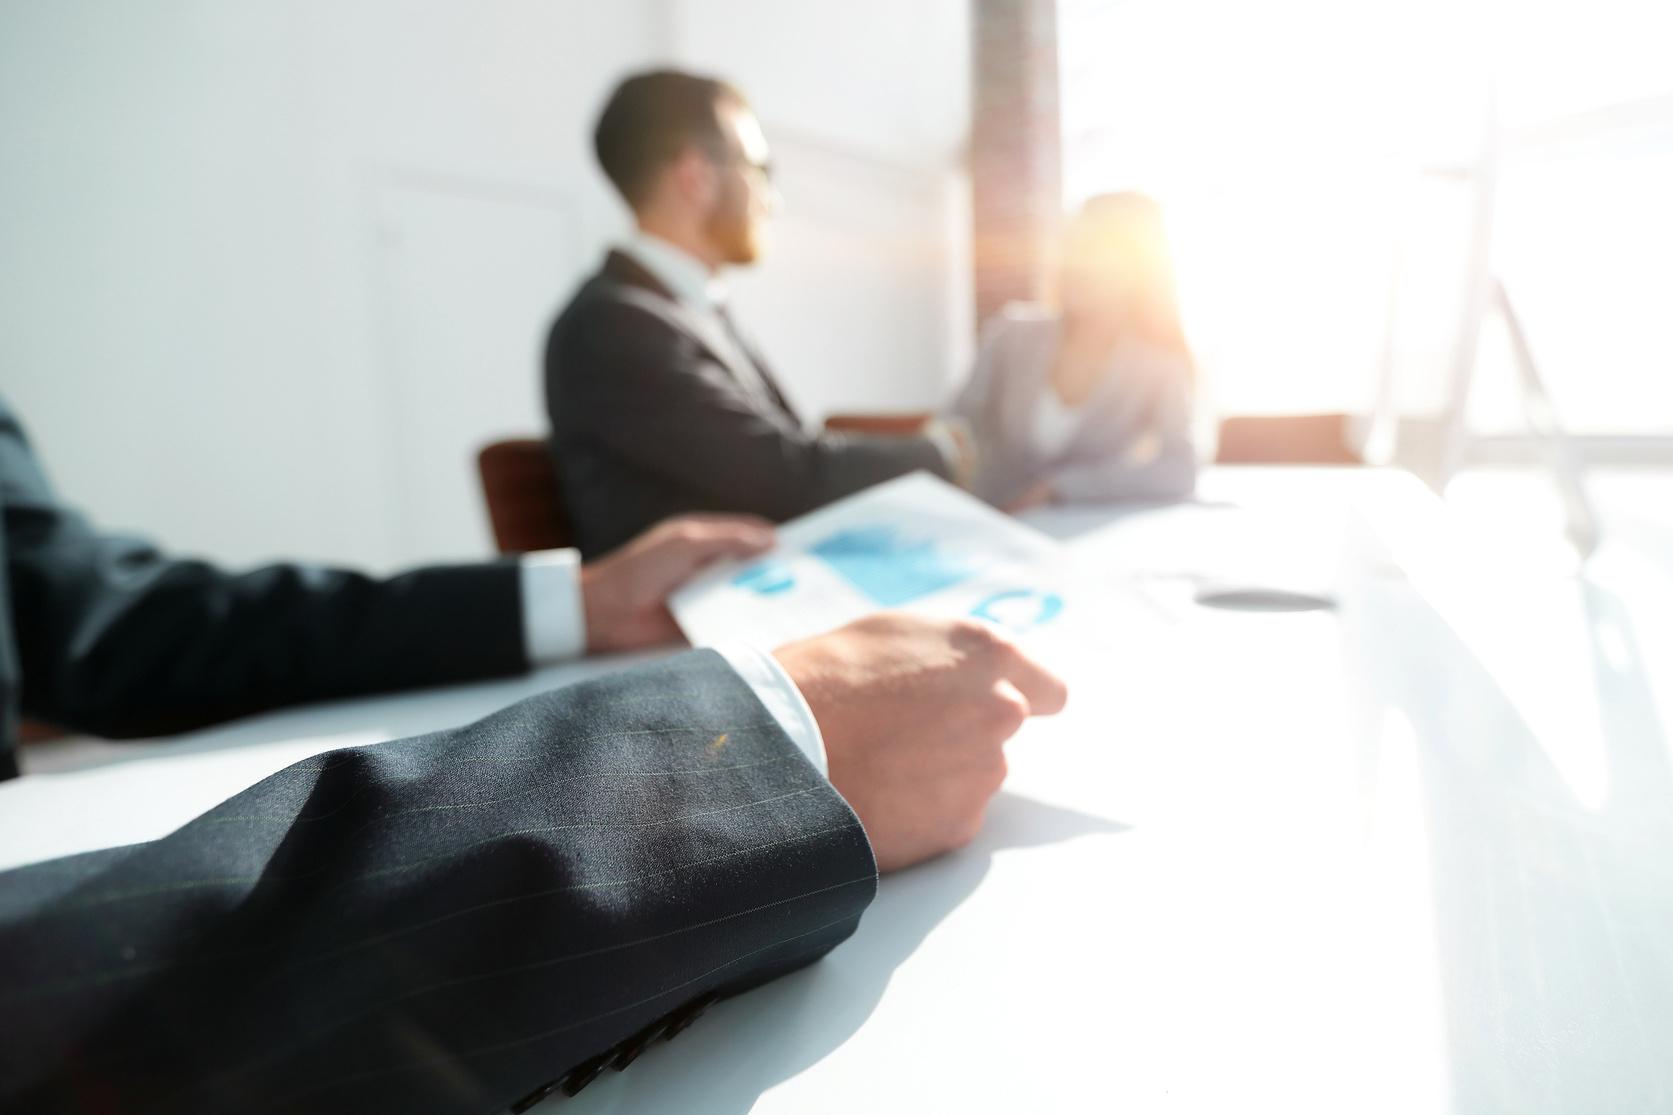 Zwei Männer sitzen im gegenlicht in einem Büro.